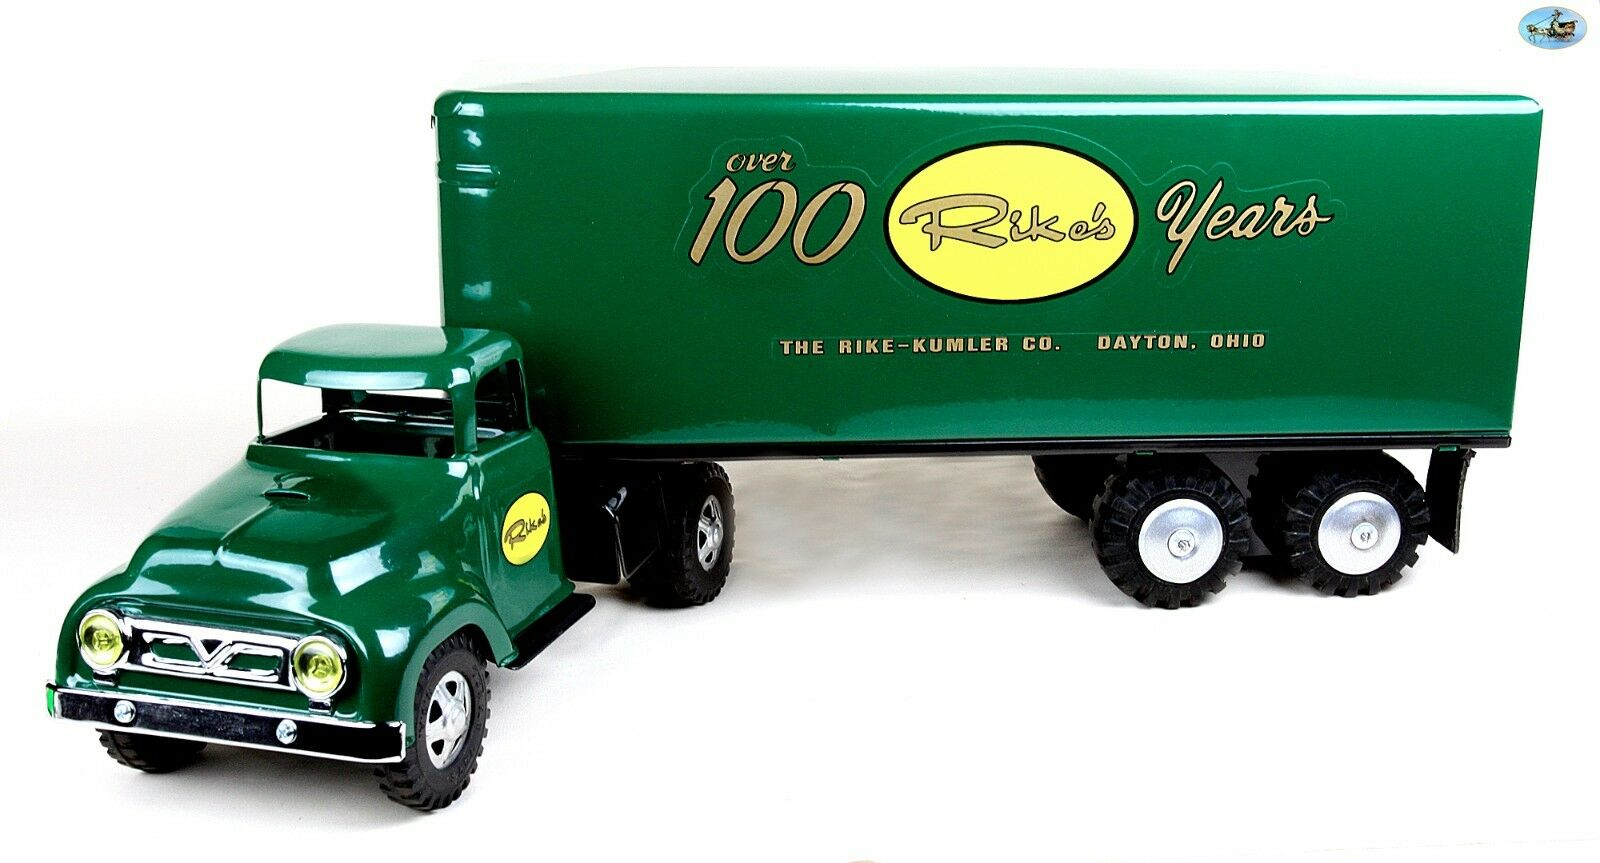 Impresionante restaurado 1950s Tonka 'over hundrosso rikes años de camión de juguete y remolque